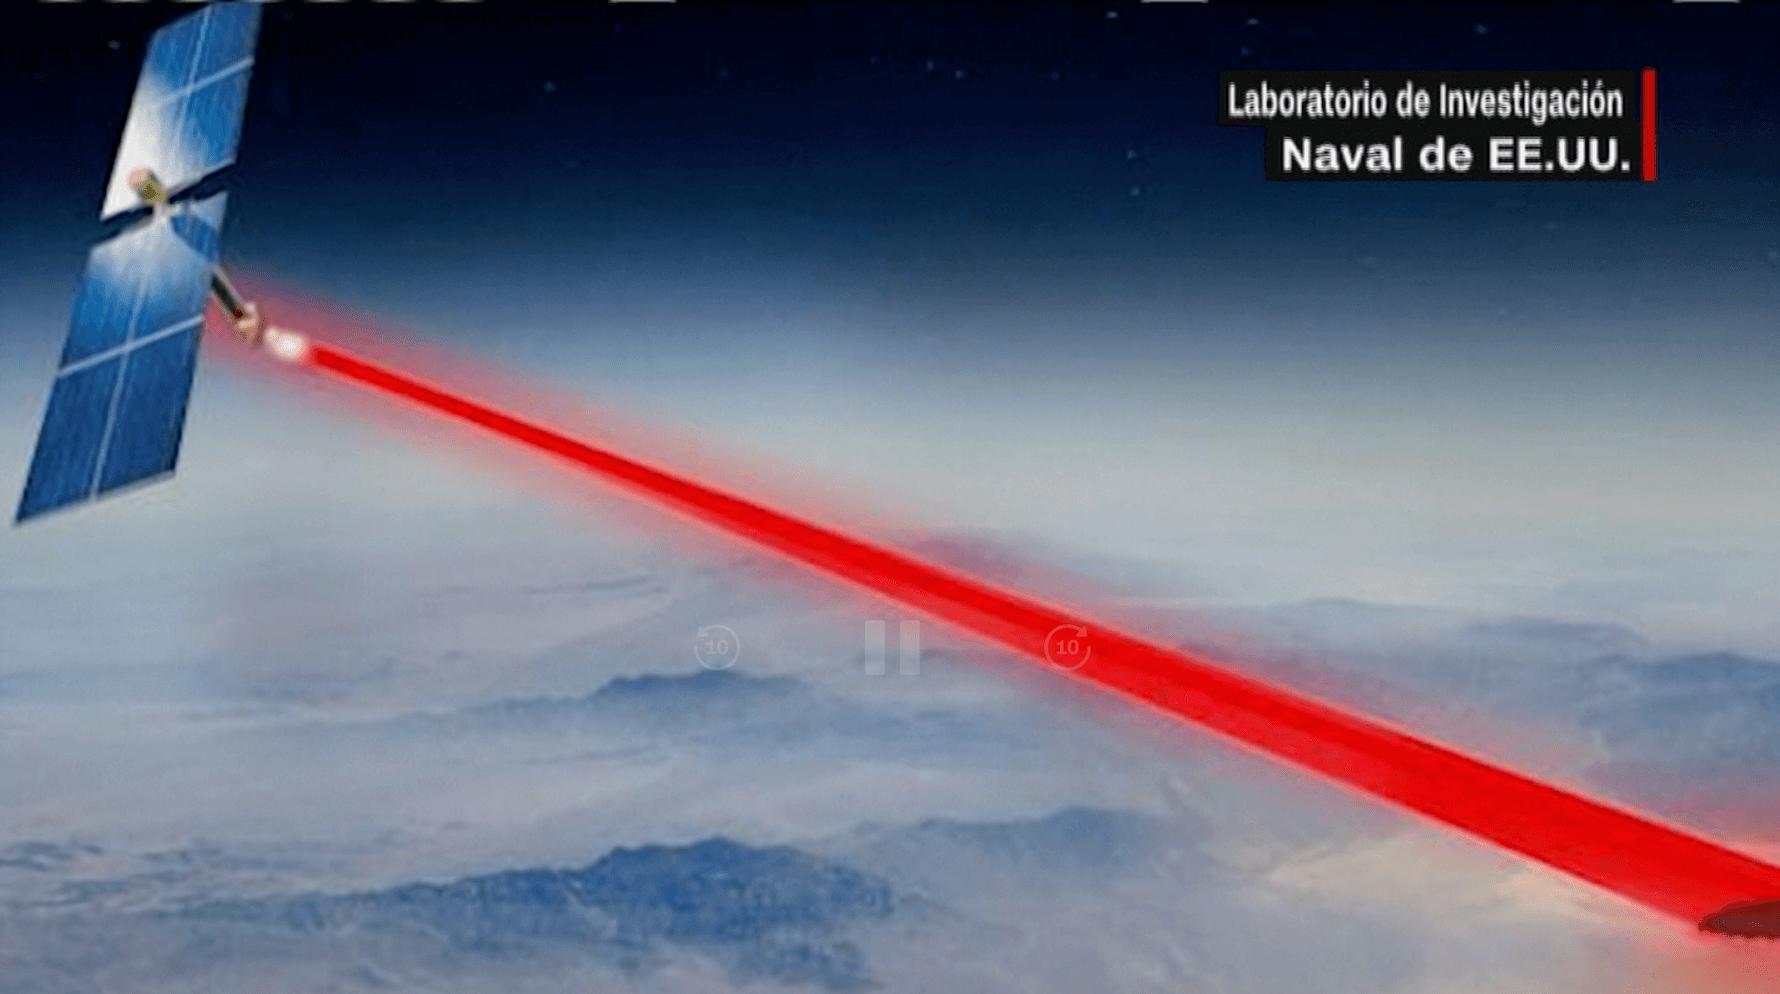 Amerikaanse wetenschappers wekken zonne-energie op met panelen in ruimte - Business AM - NL